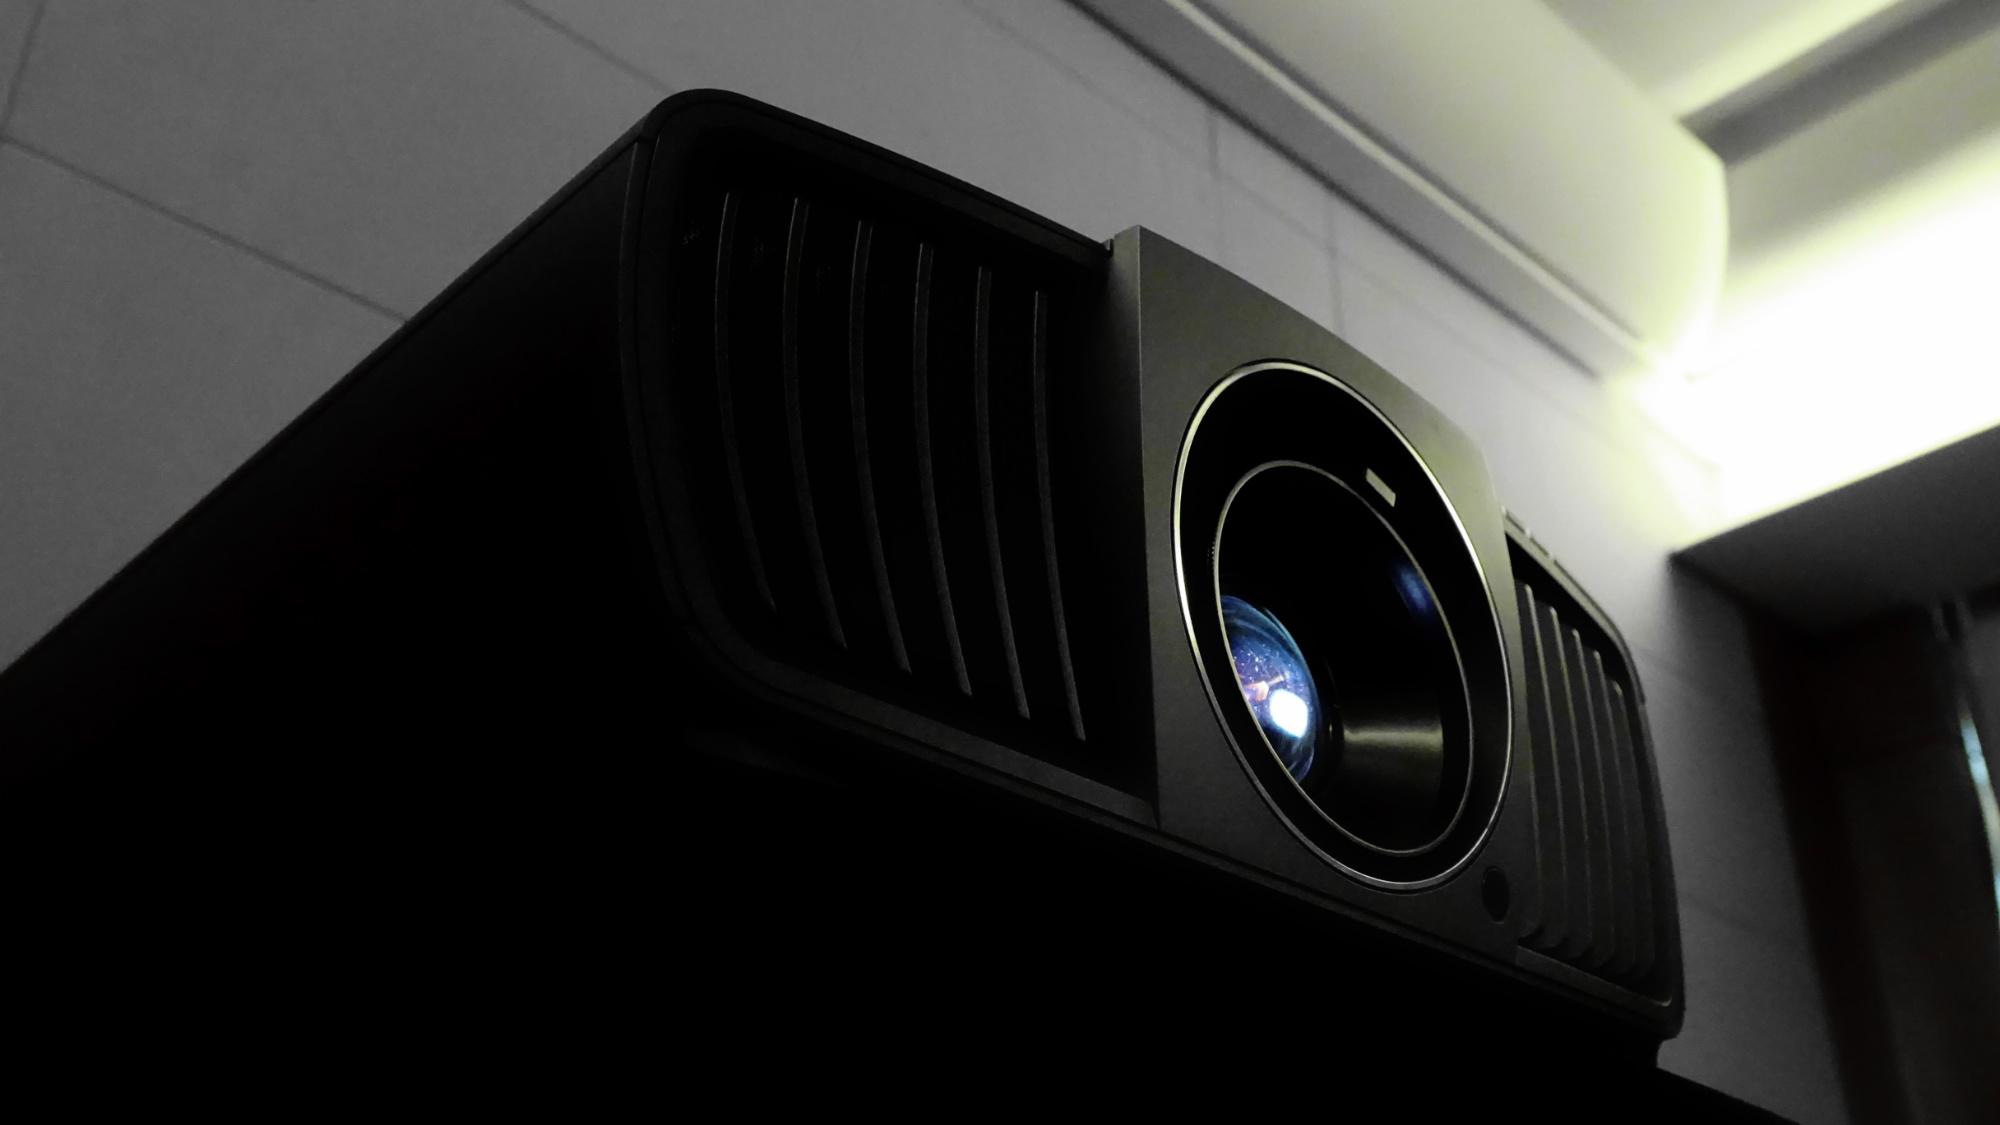 现场 | 米乐影音携Trinnov Audio最新Altitude 16声道处理前级,亮相中国影音嘉年华!